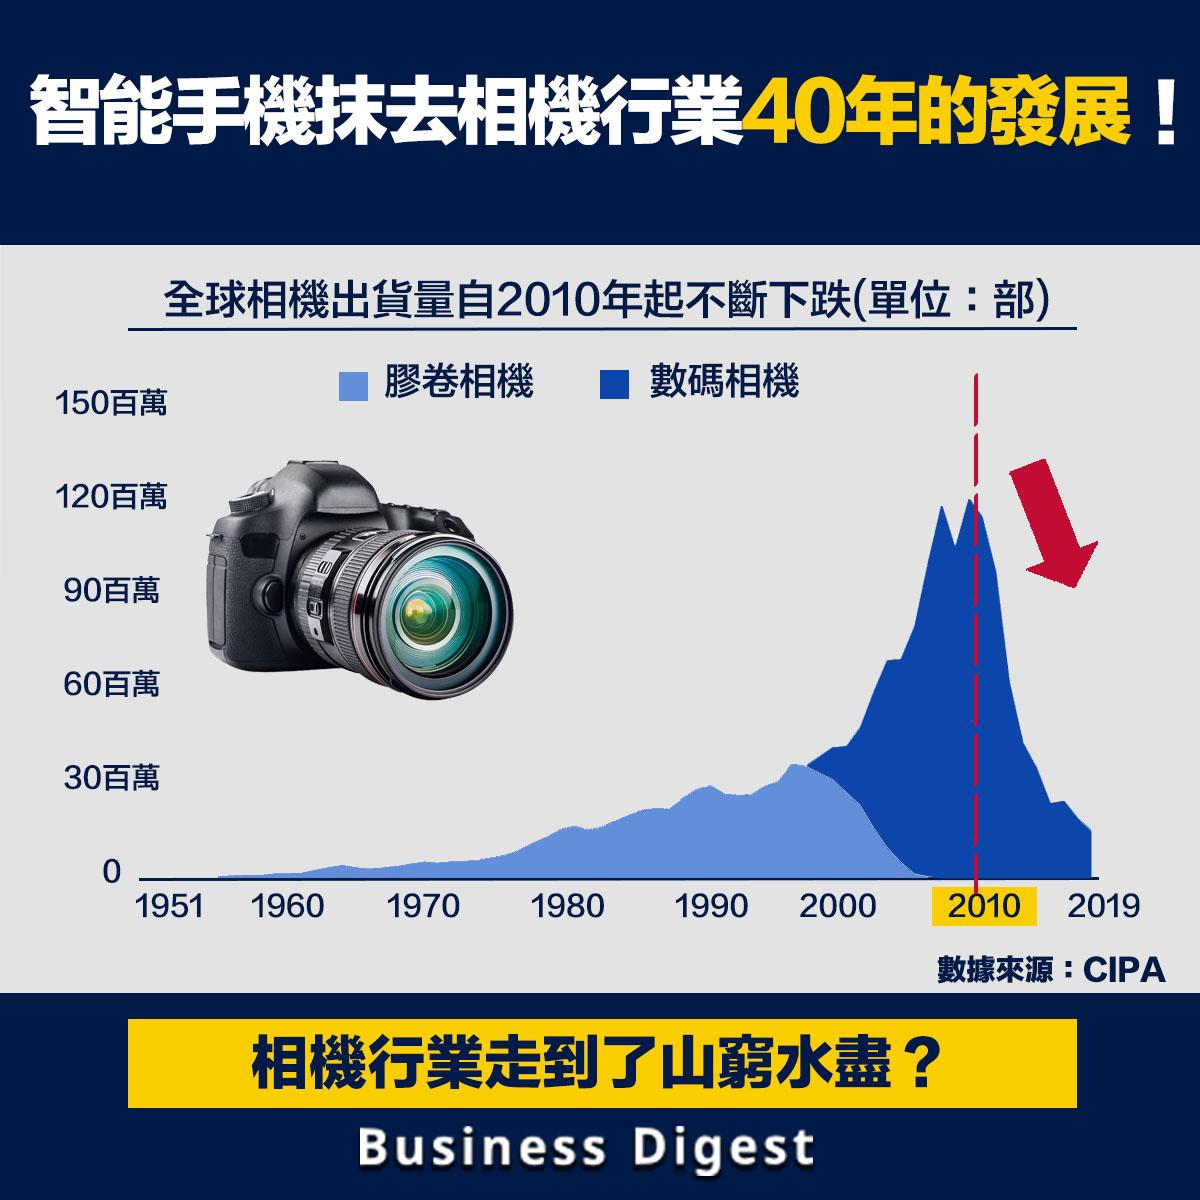 日本國際相機影像器材工業協會(CIPA)數據顯示,全球相機出貨量自2010年起急跌,並抵消了過去40年的增長。